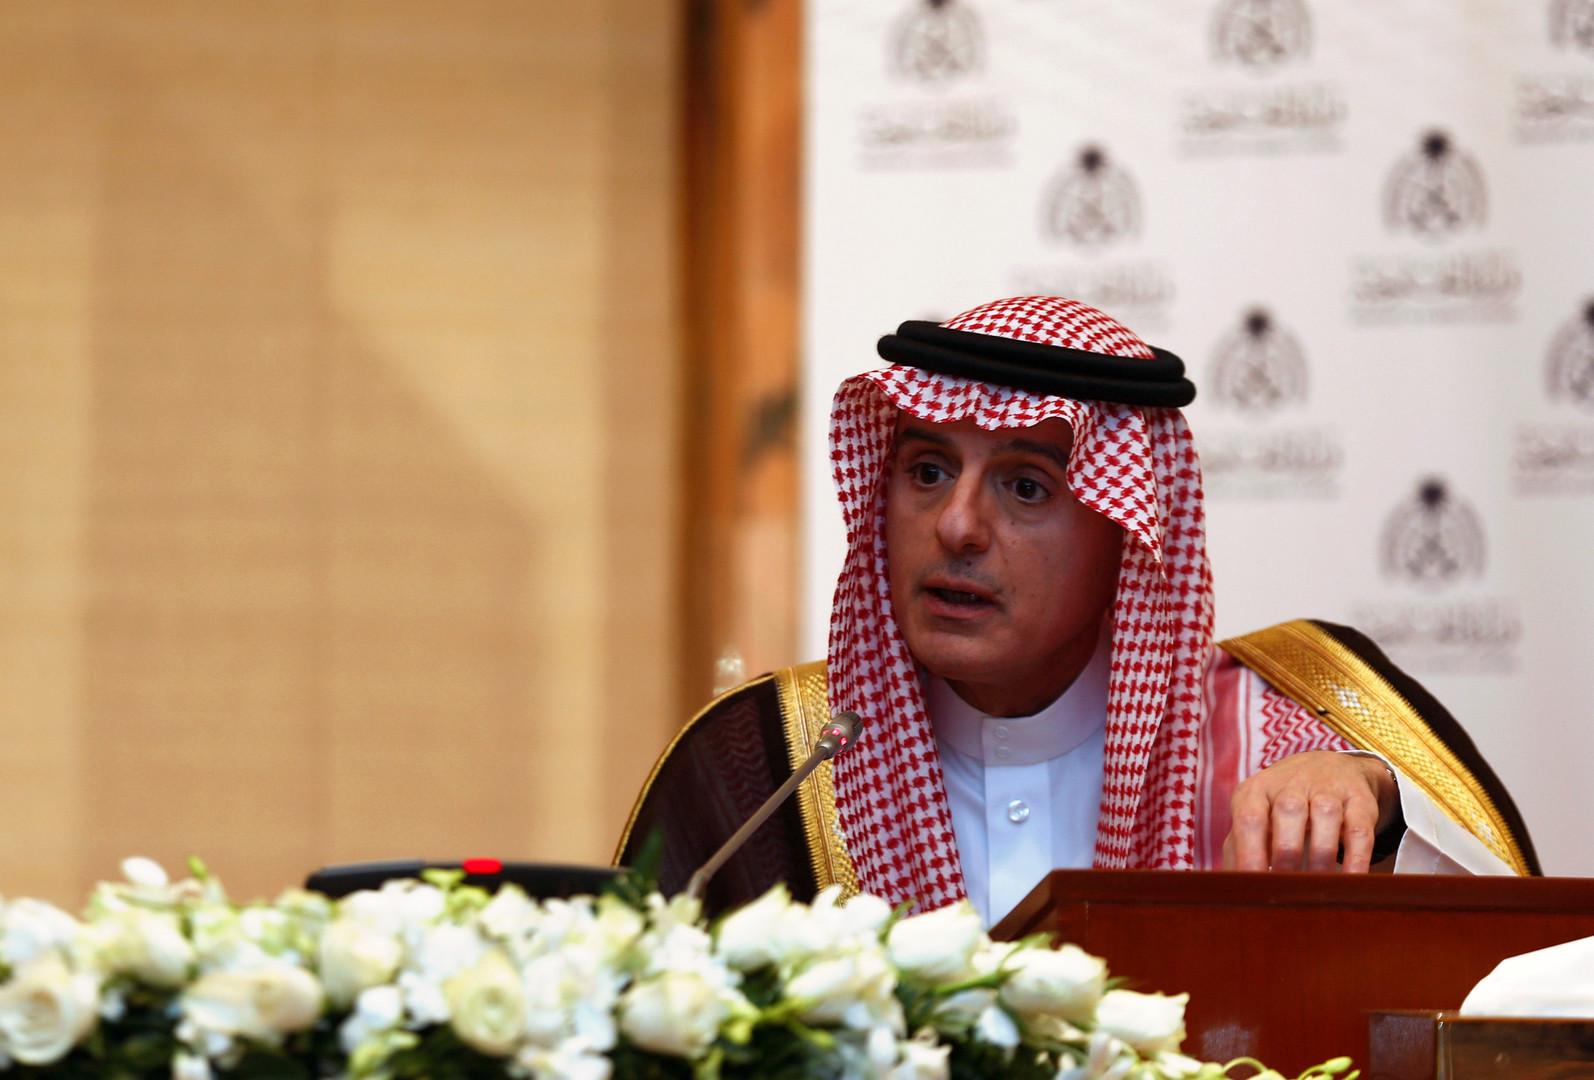 الجبير حول مشاركة السعودية في حرب محتملة على إيران: نحن حلفاء واشنطن ونقف كتفا إلى كتف معها